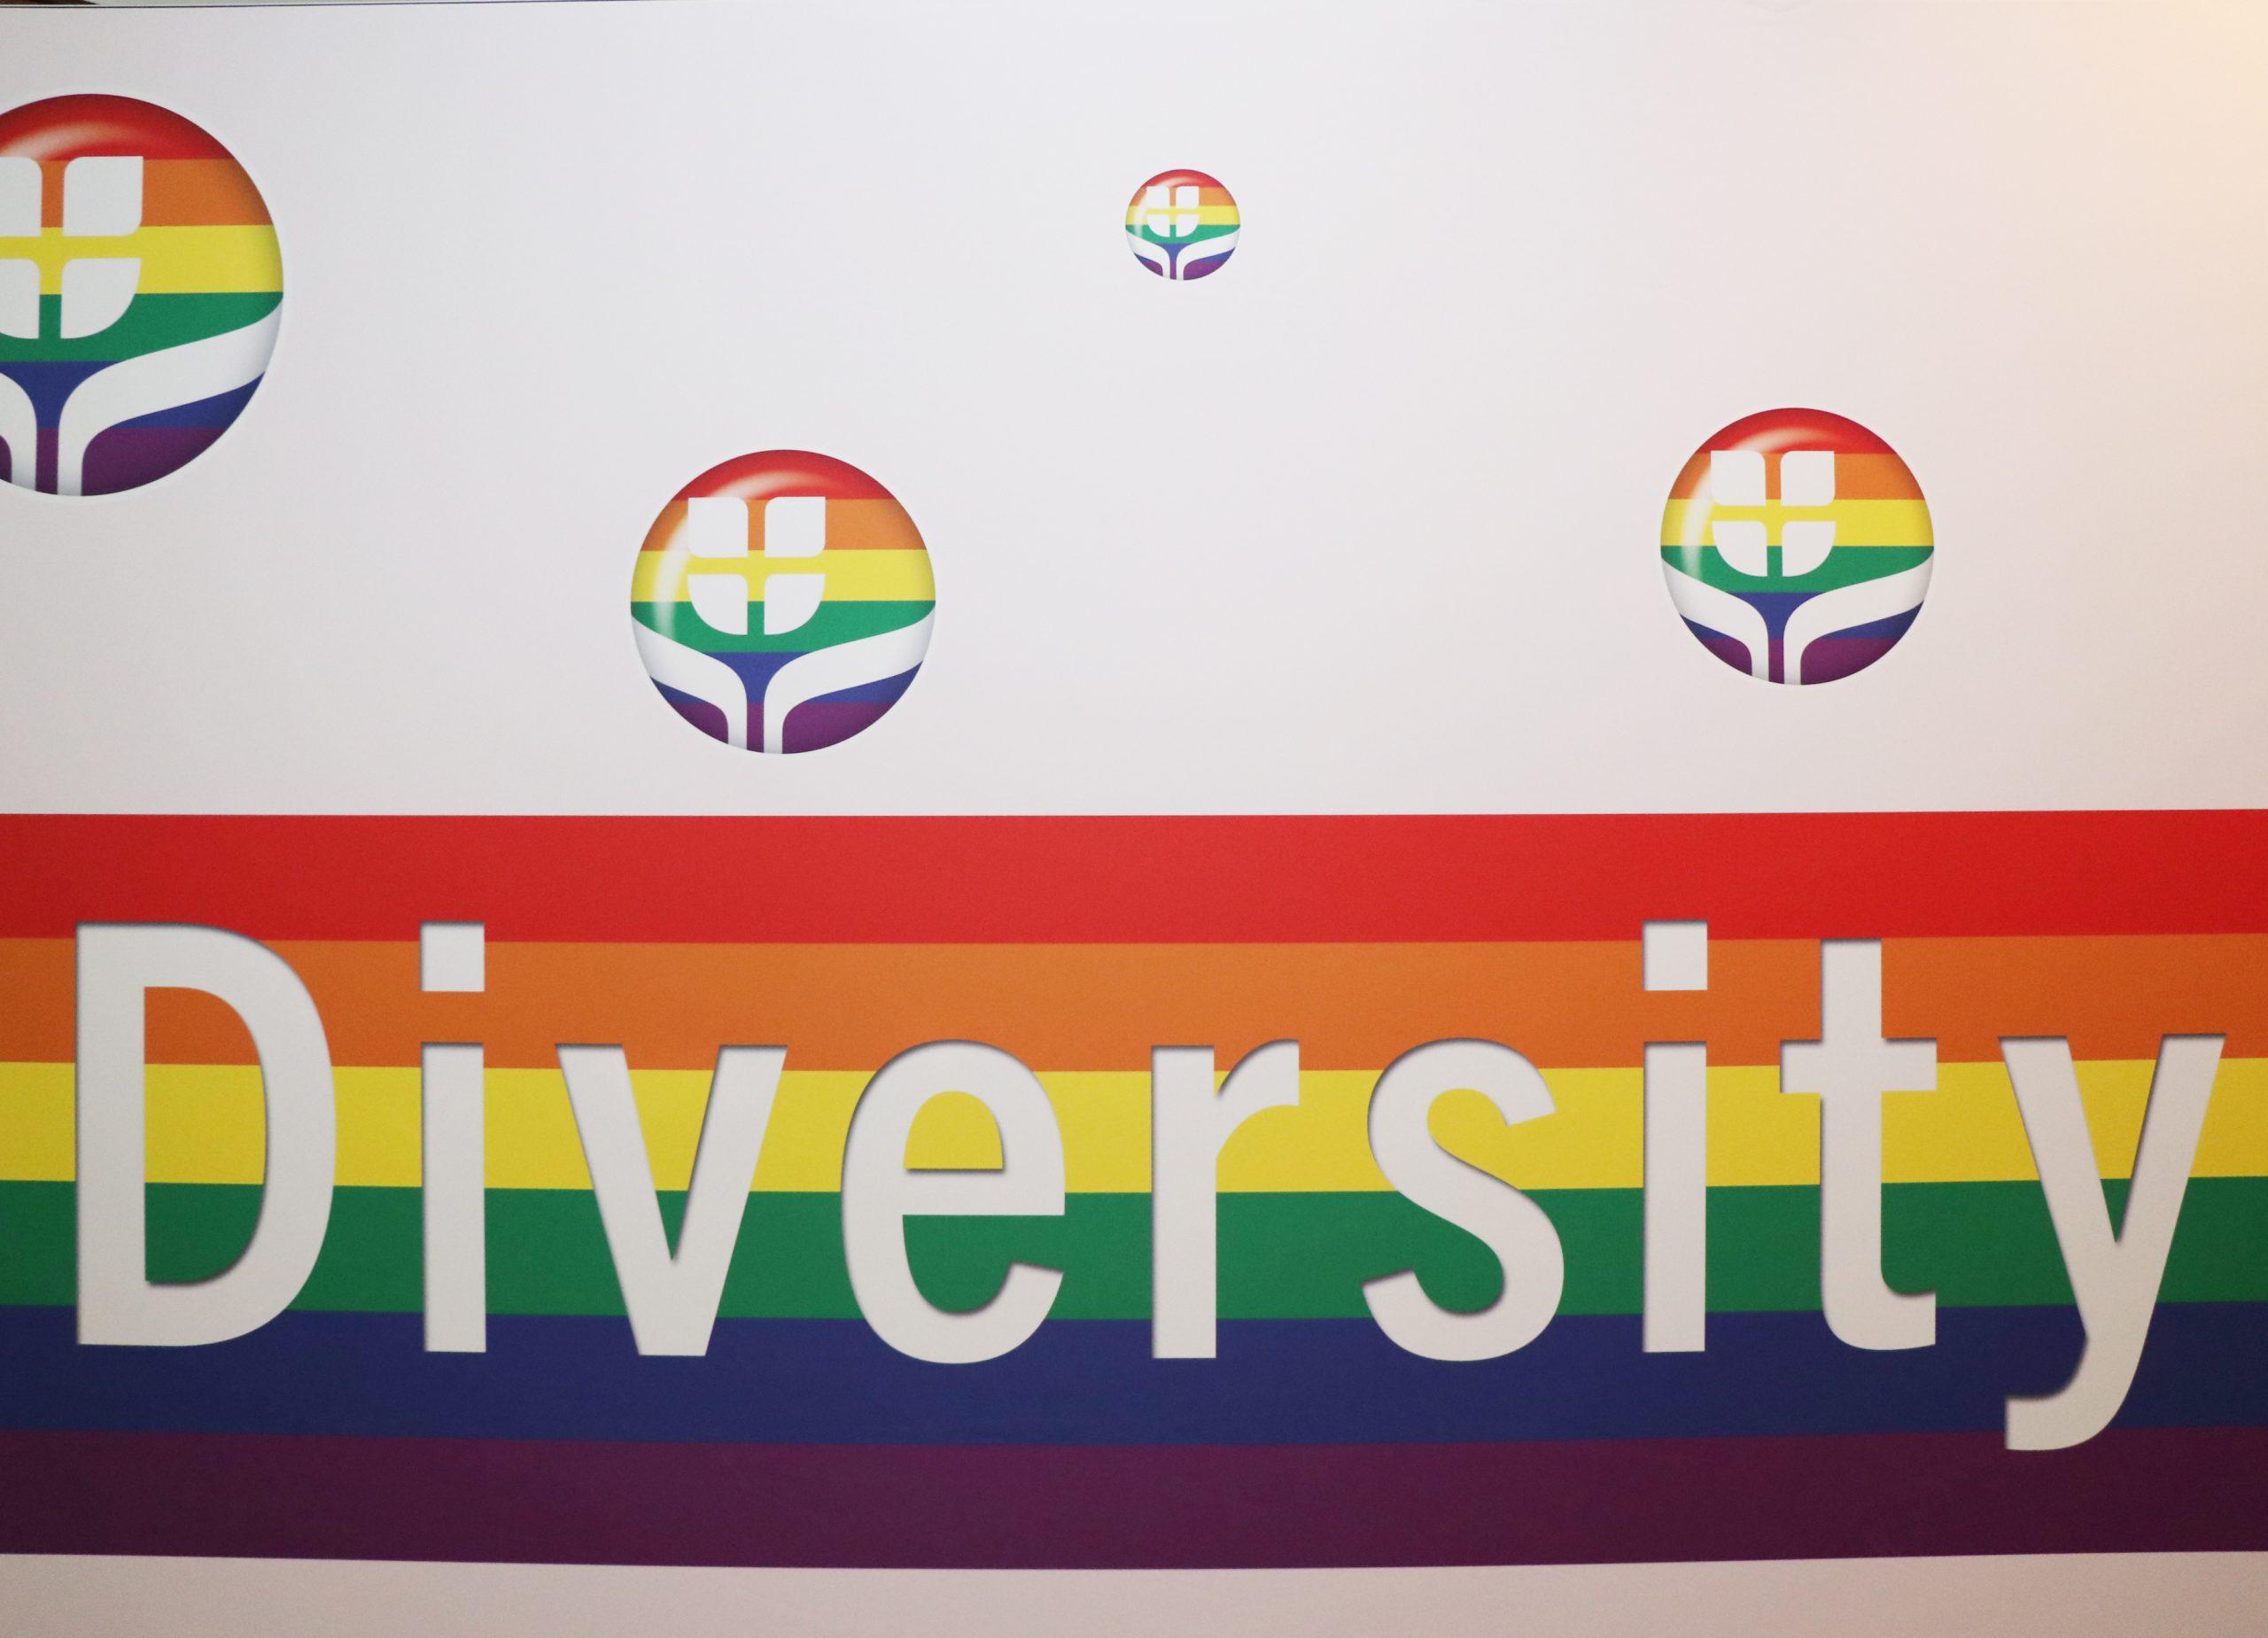 Diversity-Muffel oder Diversity-Profi? Machen Sie den Test!